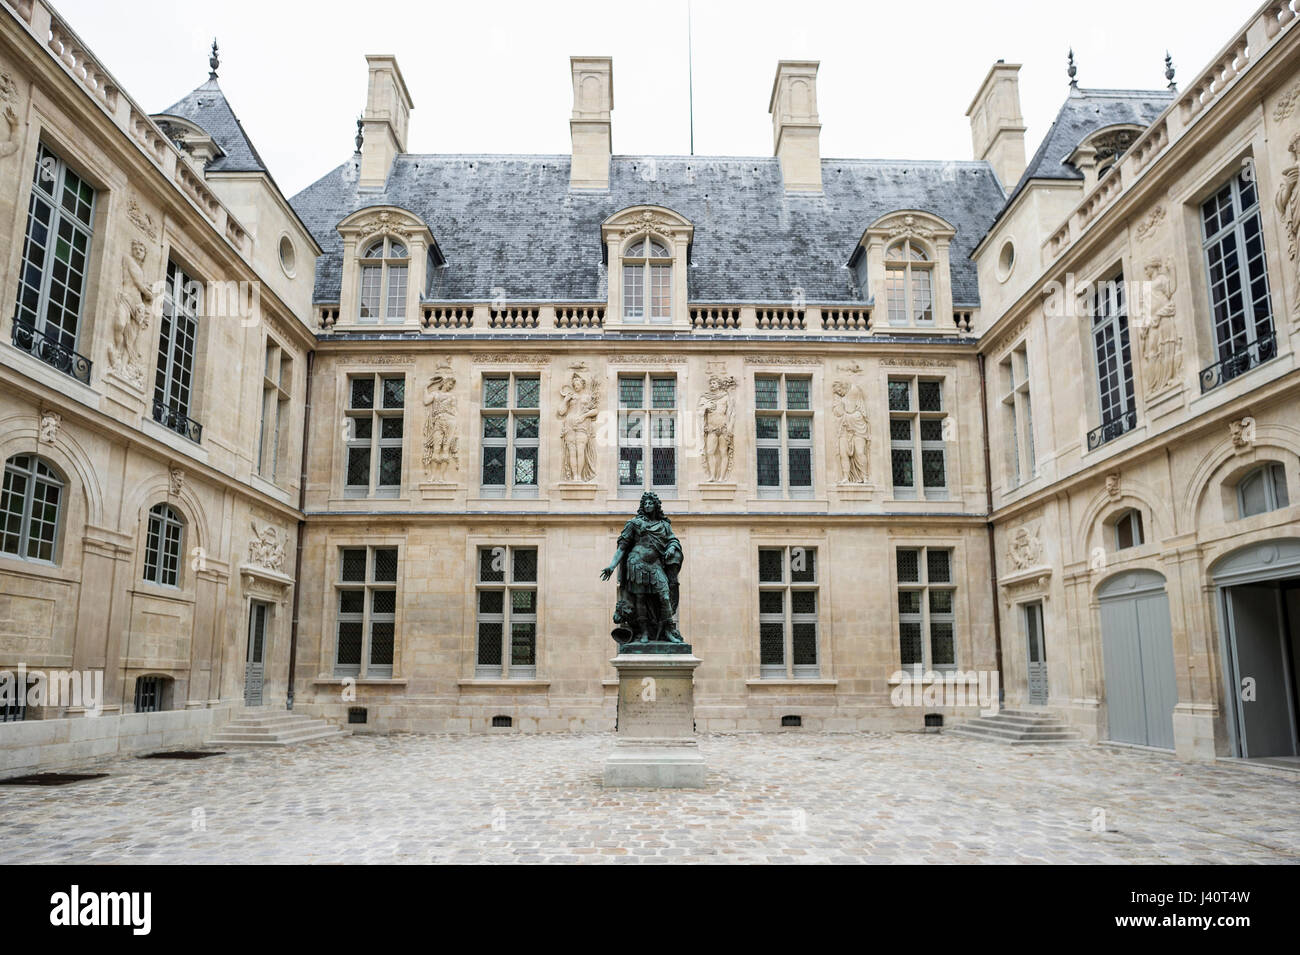 Museum Carnavalet, Marais, Paris, Ile-de-France, France - Stock Image